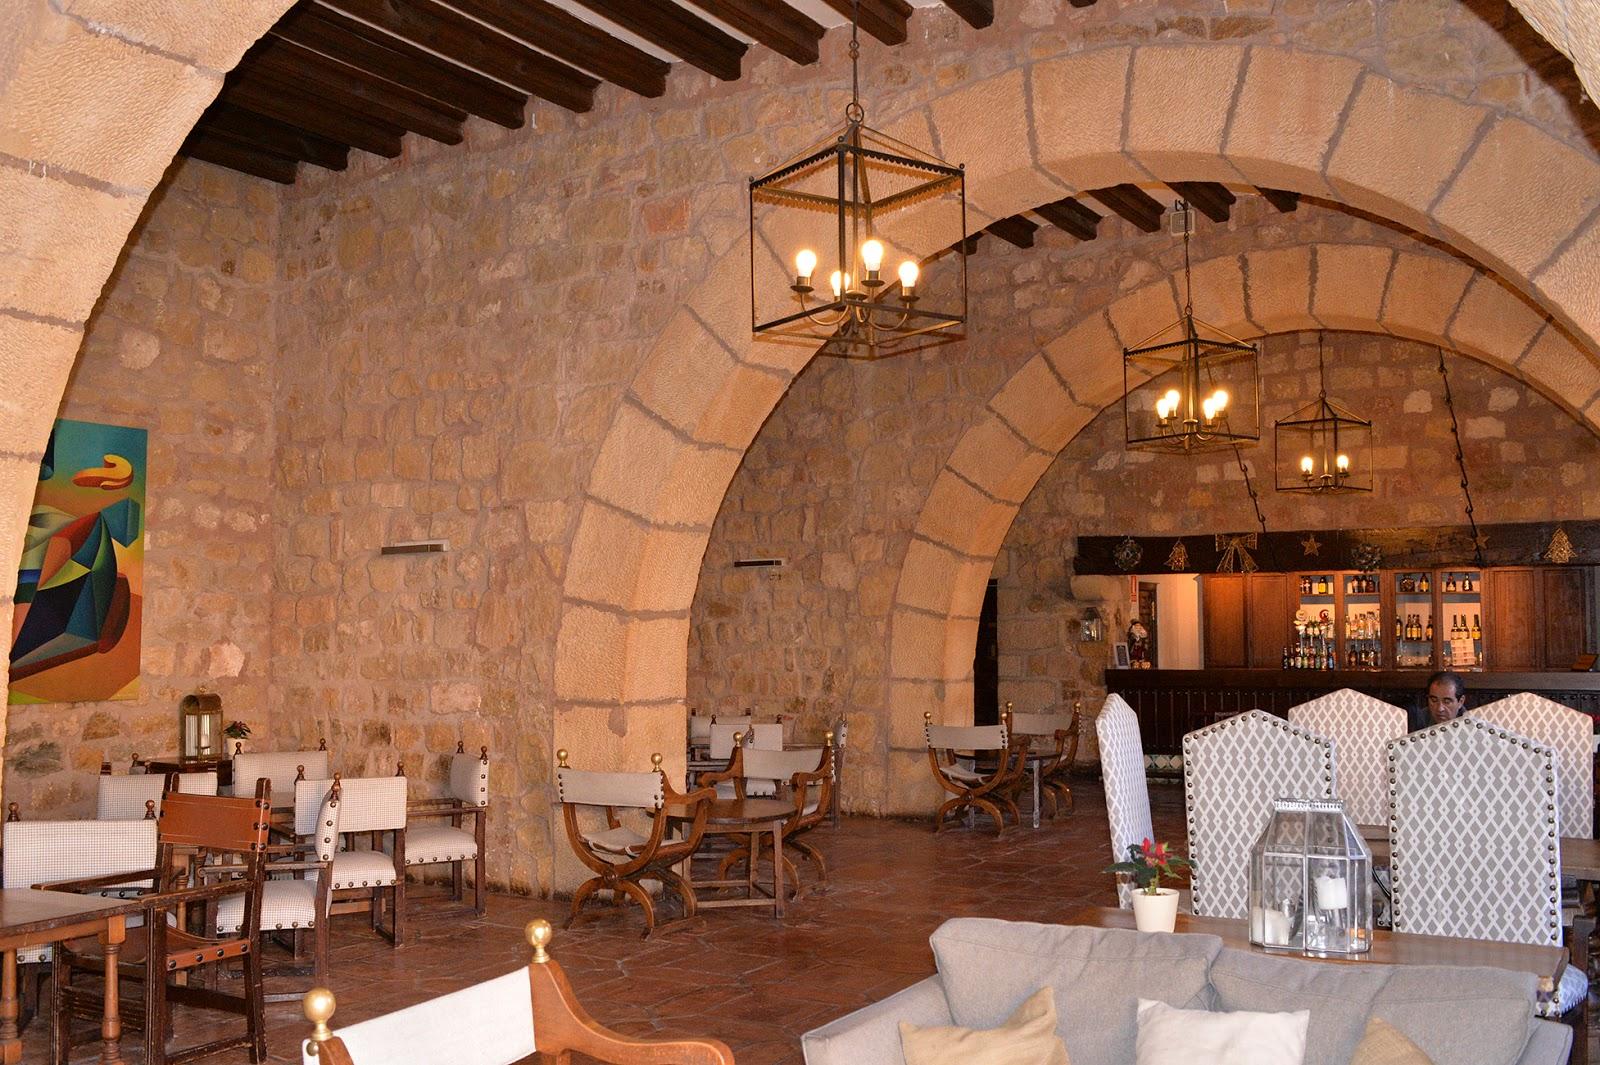 sigüenza guadalajara spain winter castle parador hotel